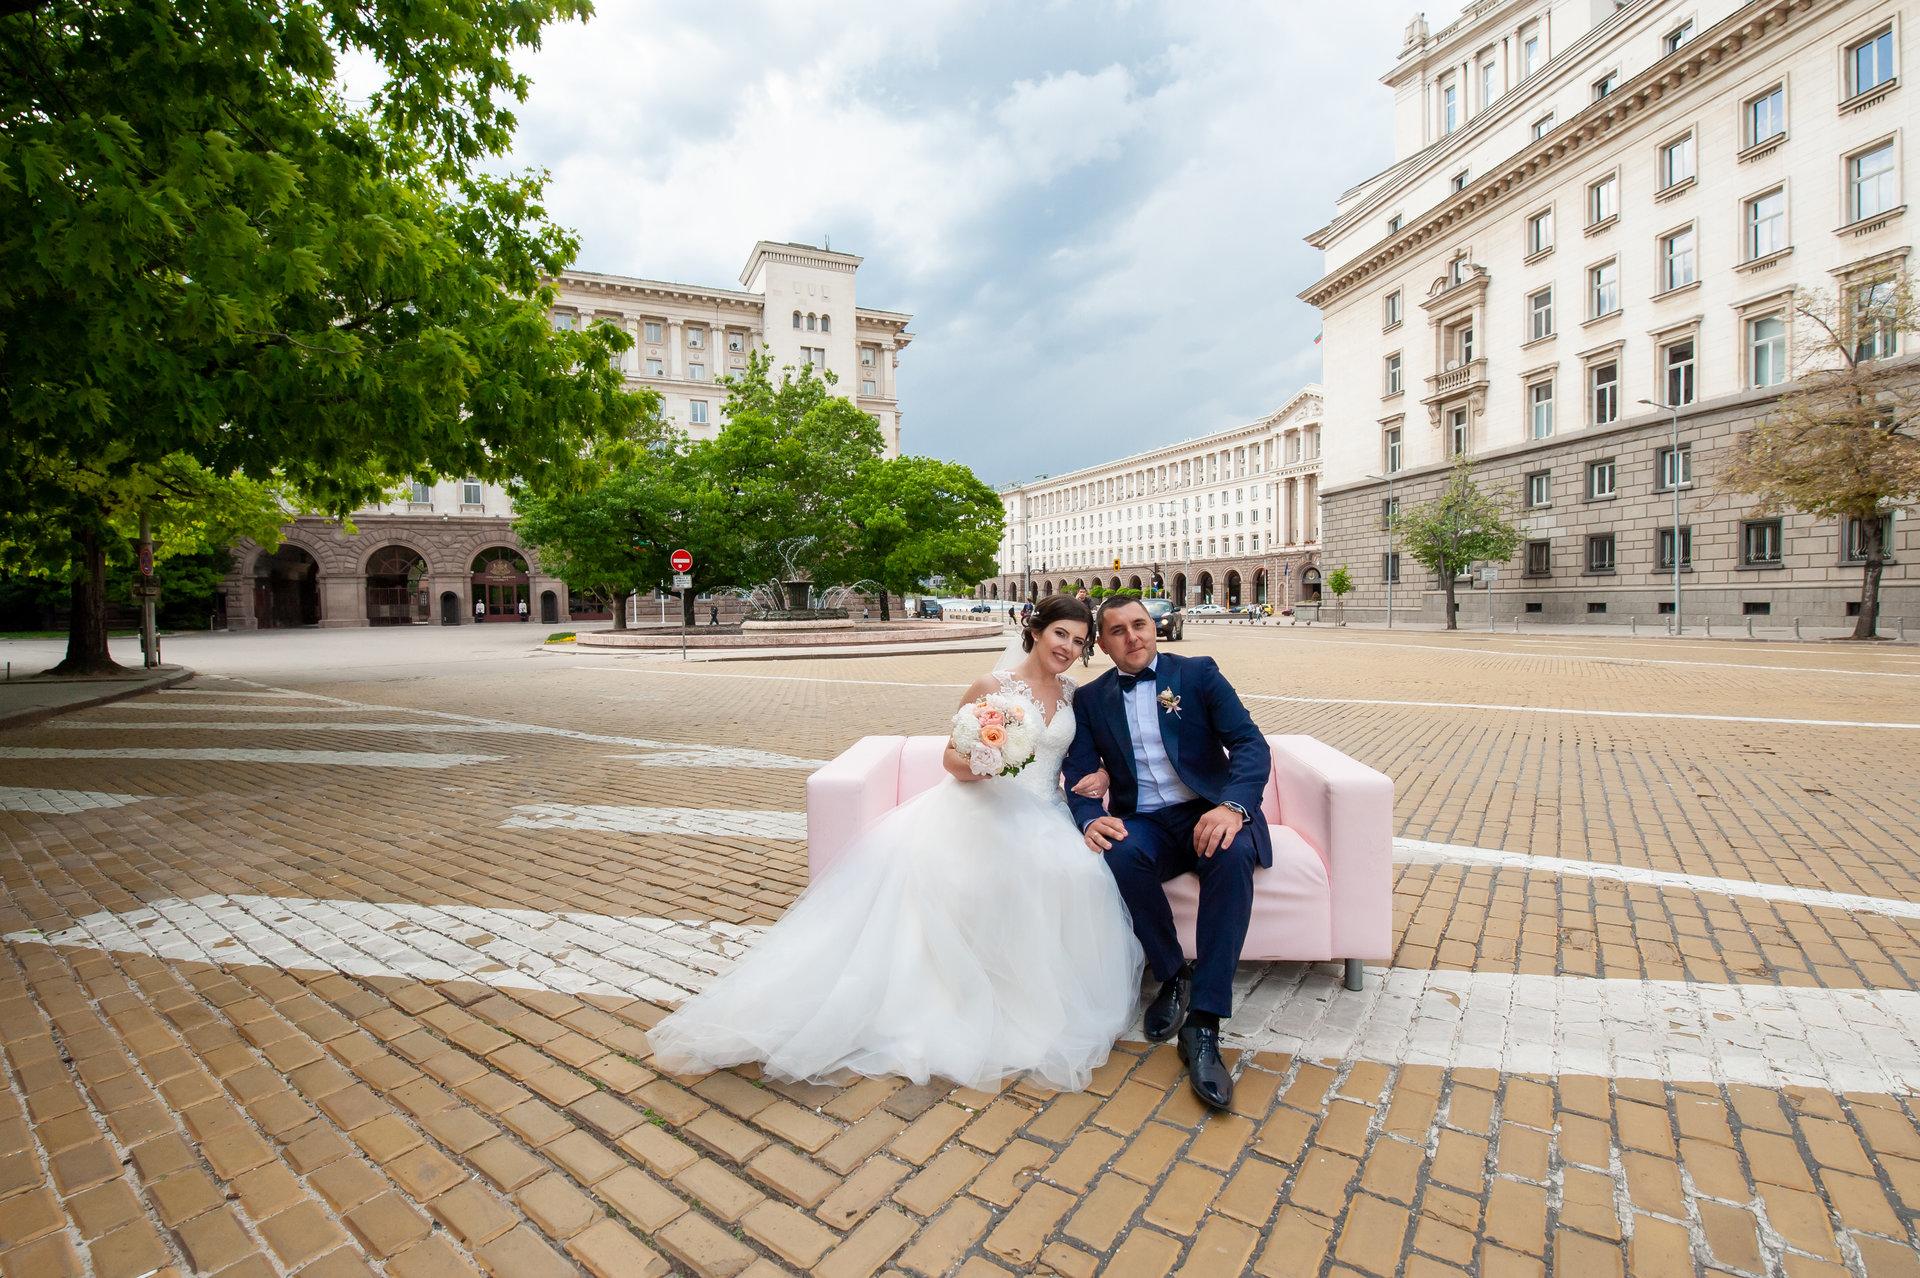 Сватбен портрет   Author martin alexiev - makenzi   PHOTO FORUM